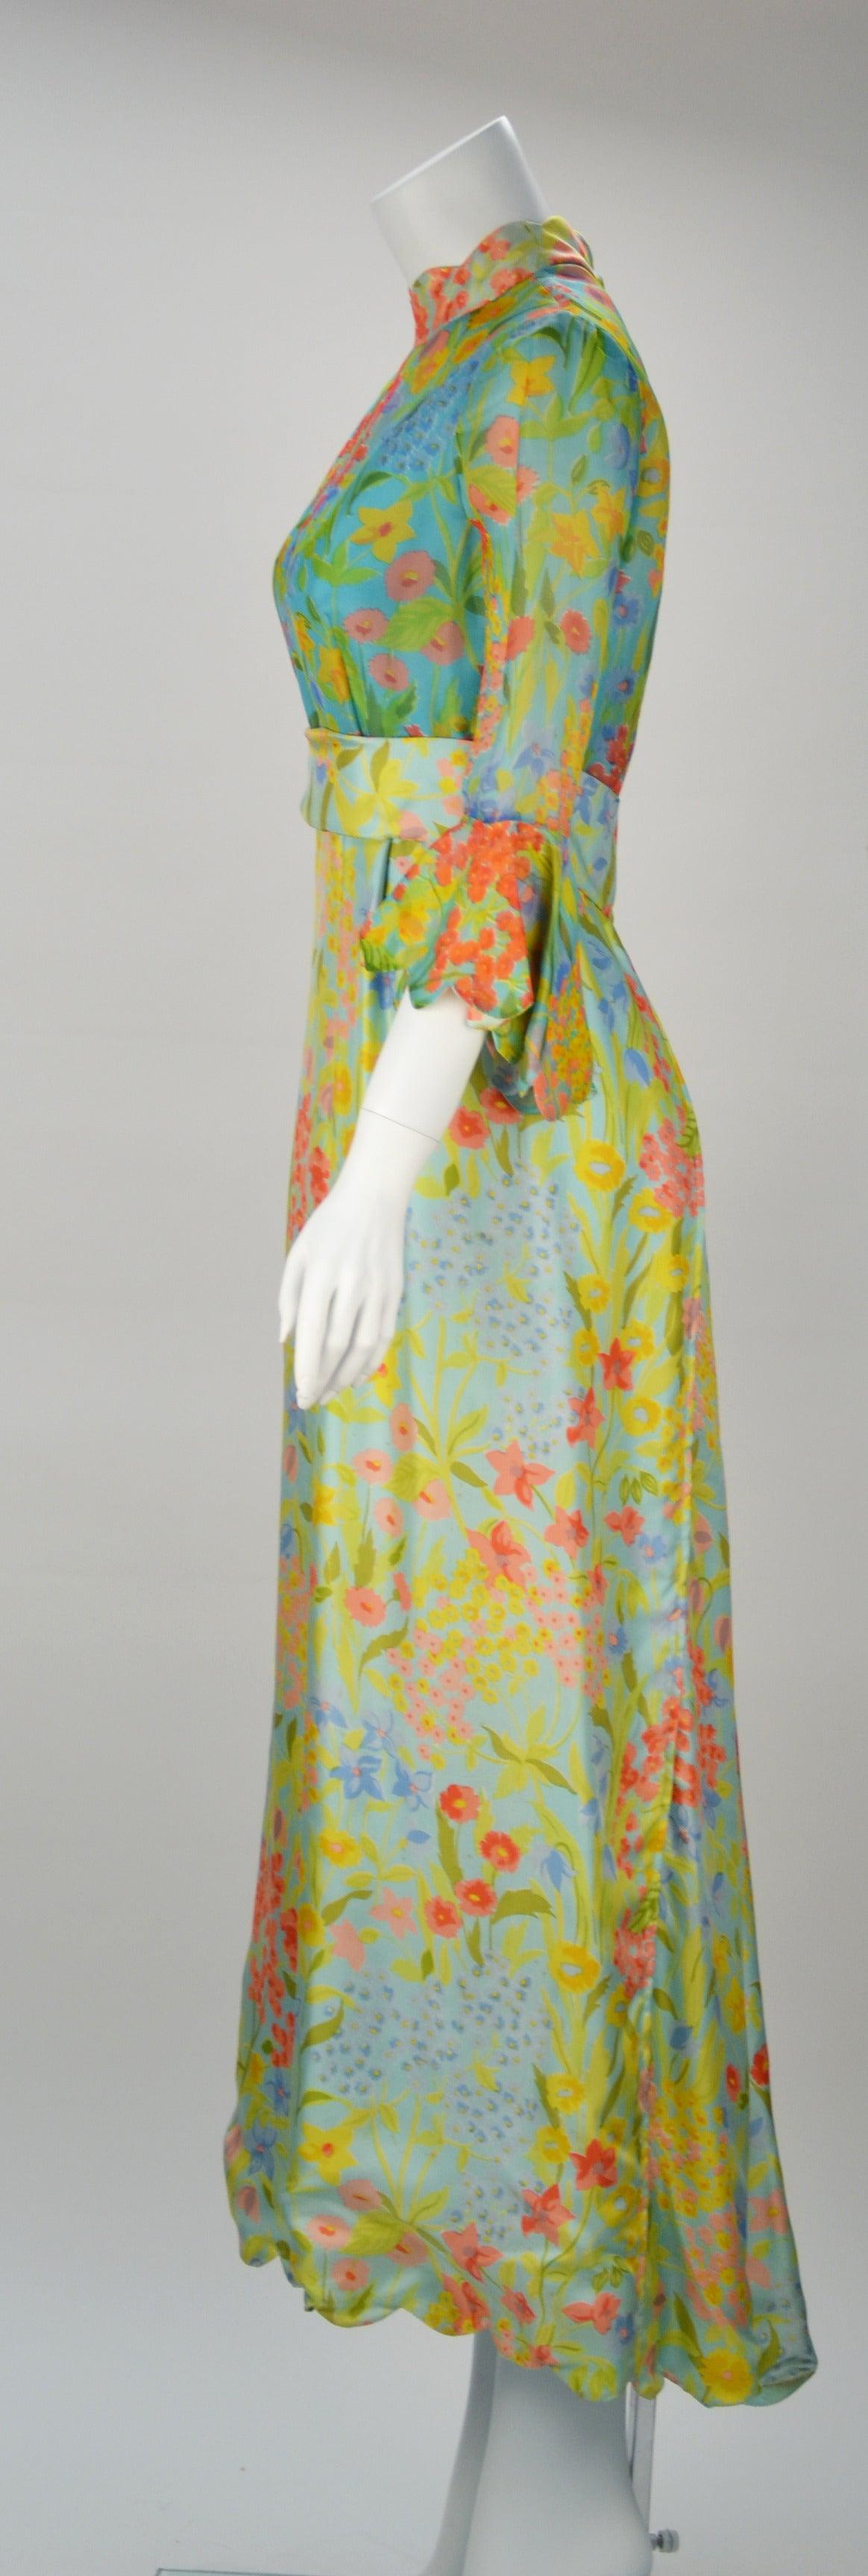 1960s Tina Leser Original Floral Print Dress 3